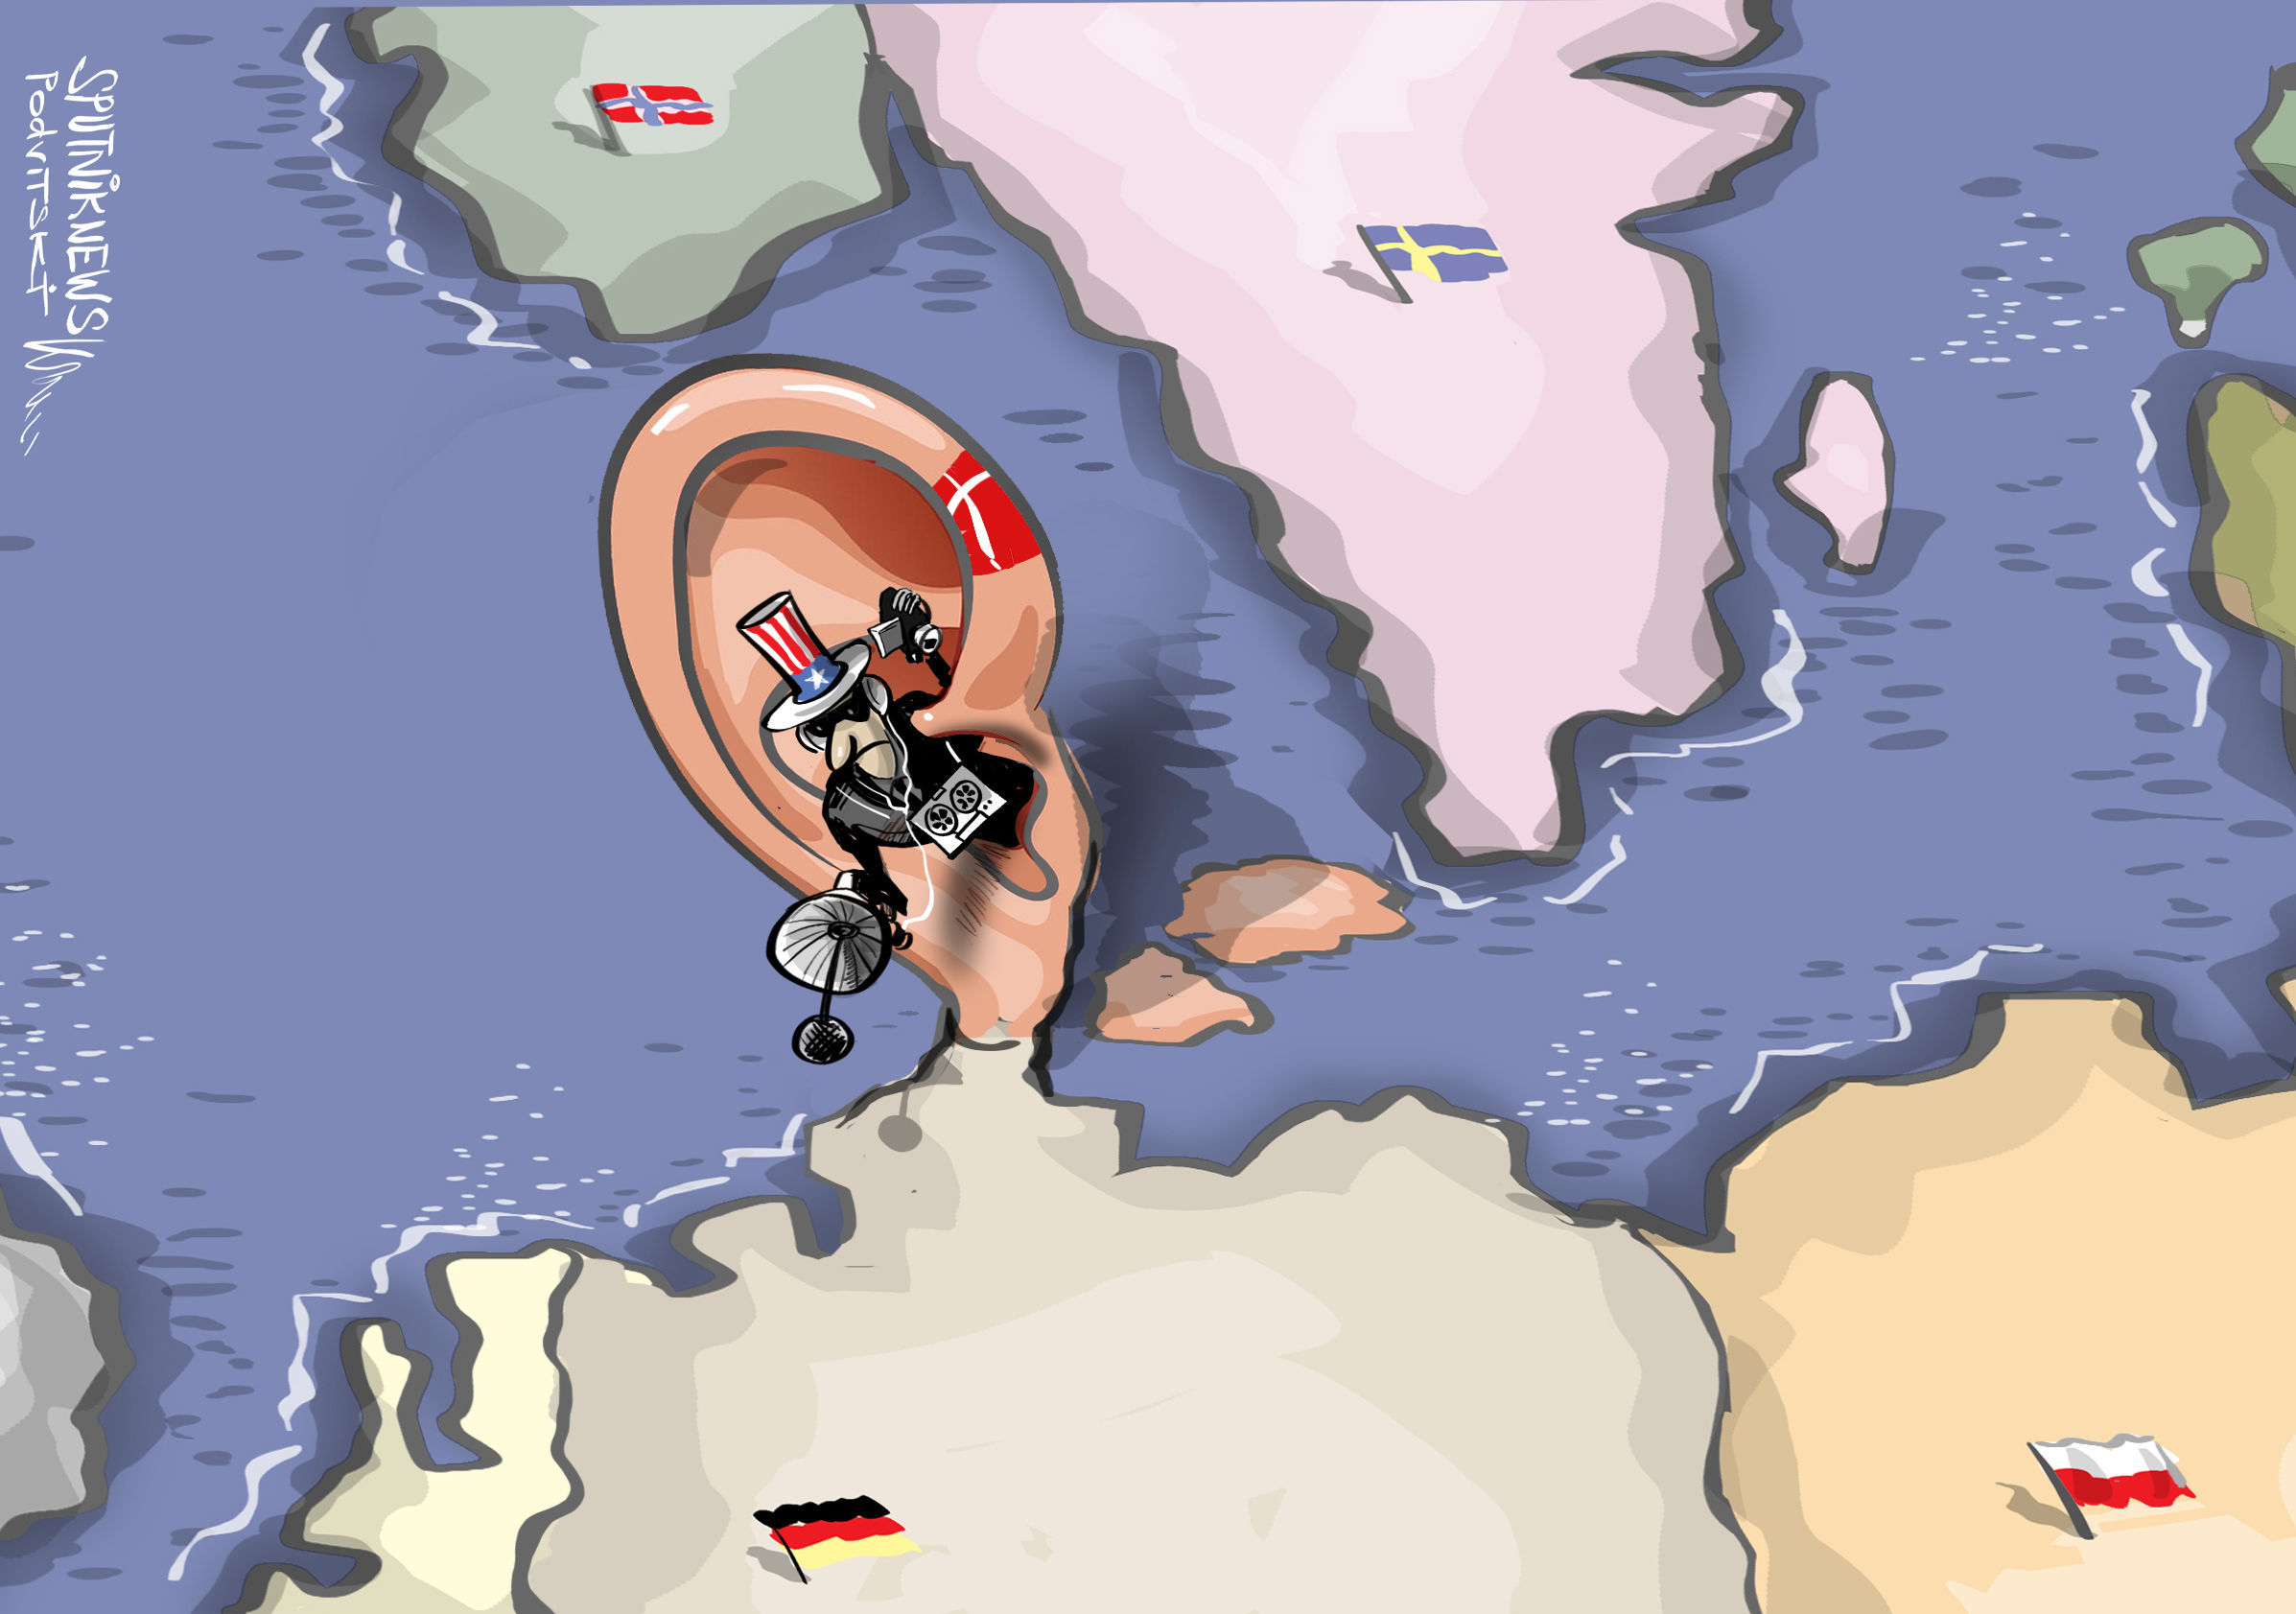 همدستی دانمارک با آمریکا برای جاسوسی از مقامات اروپا + عکس